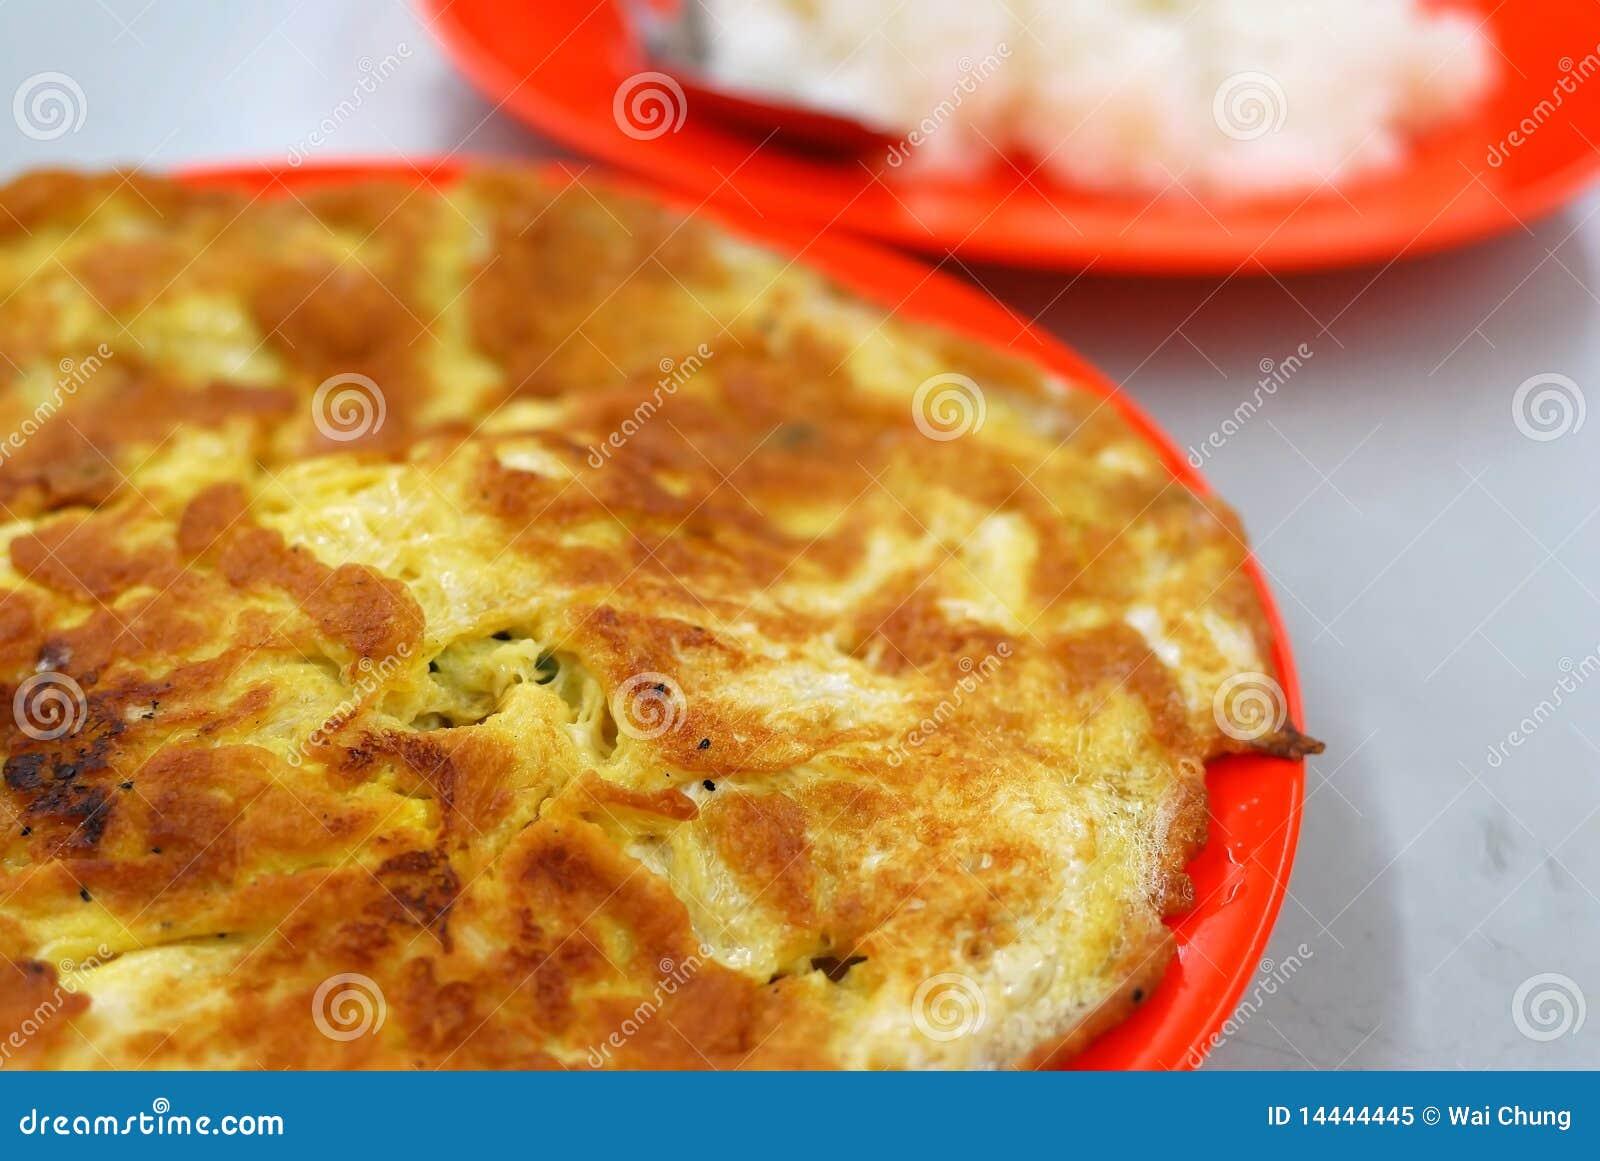 Huevo revuelto frito o del asiático